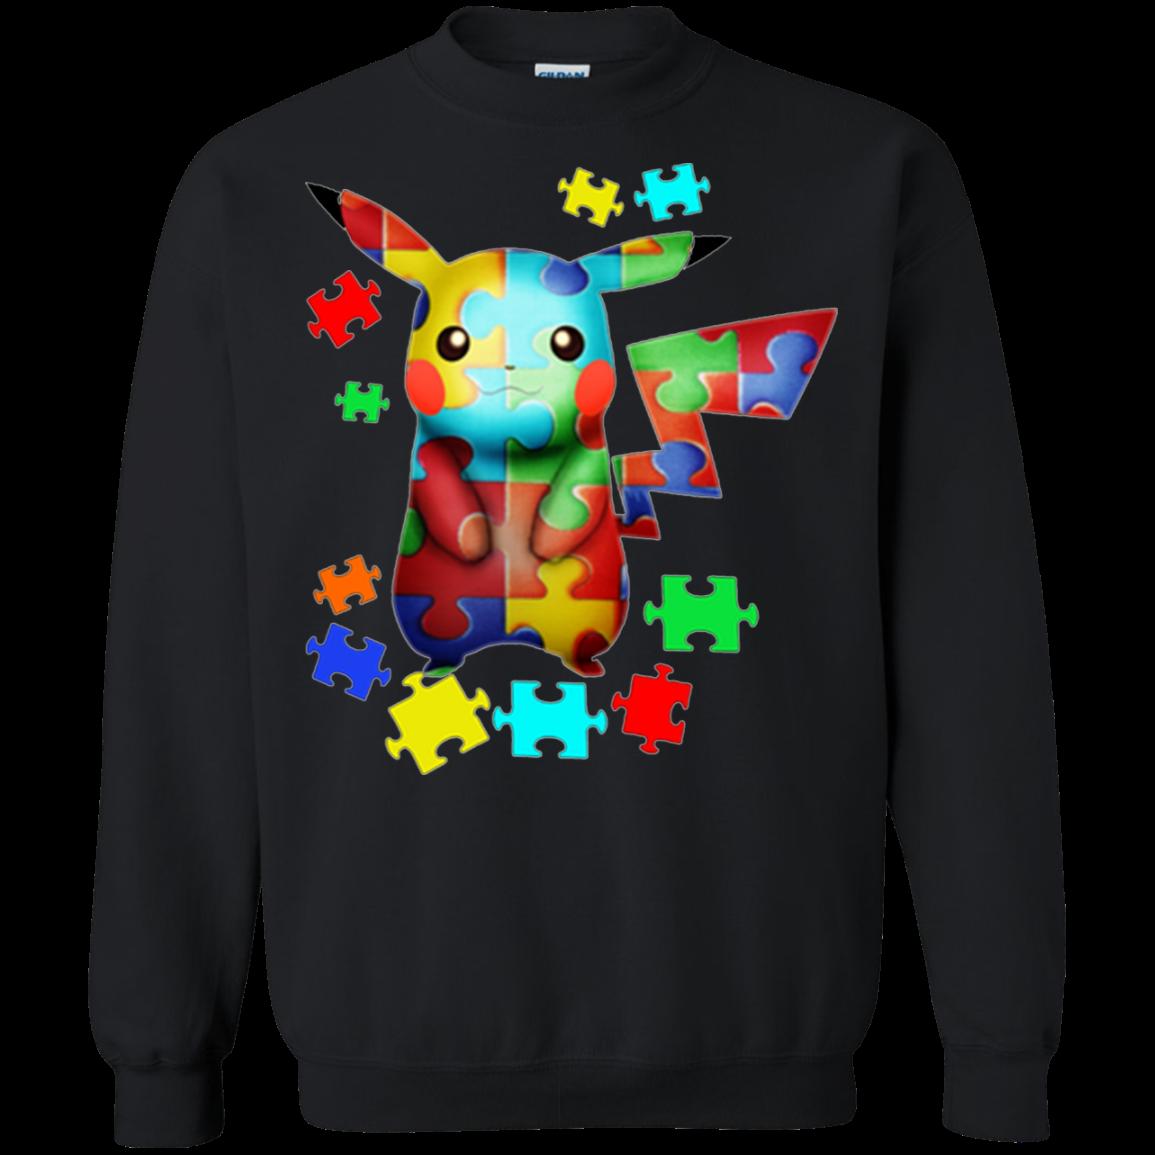 Autism Pikachu T Shirt